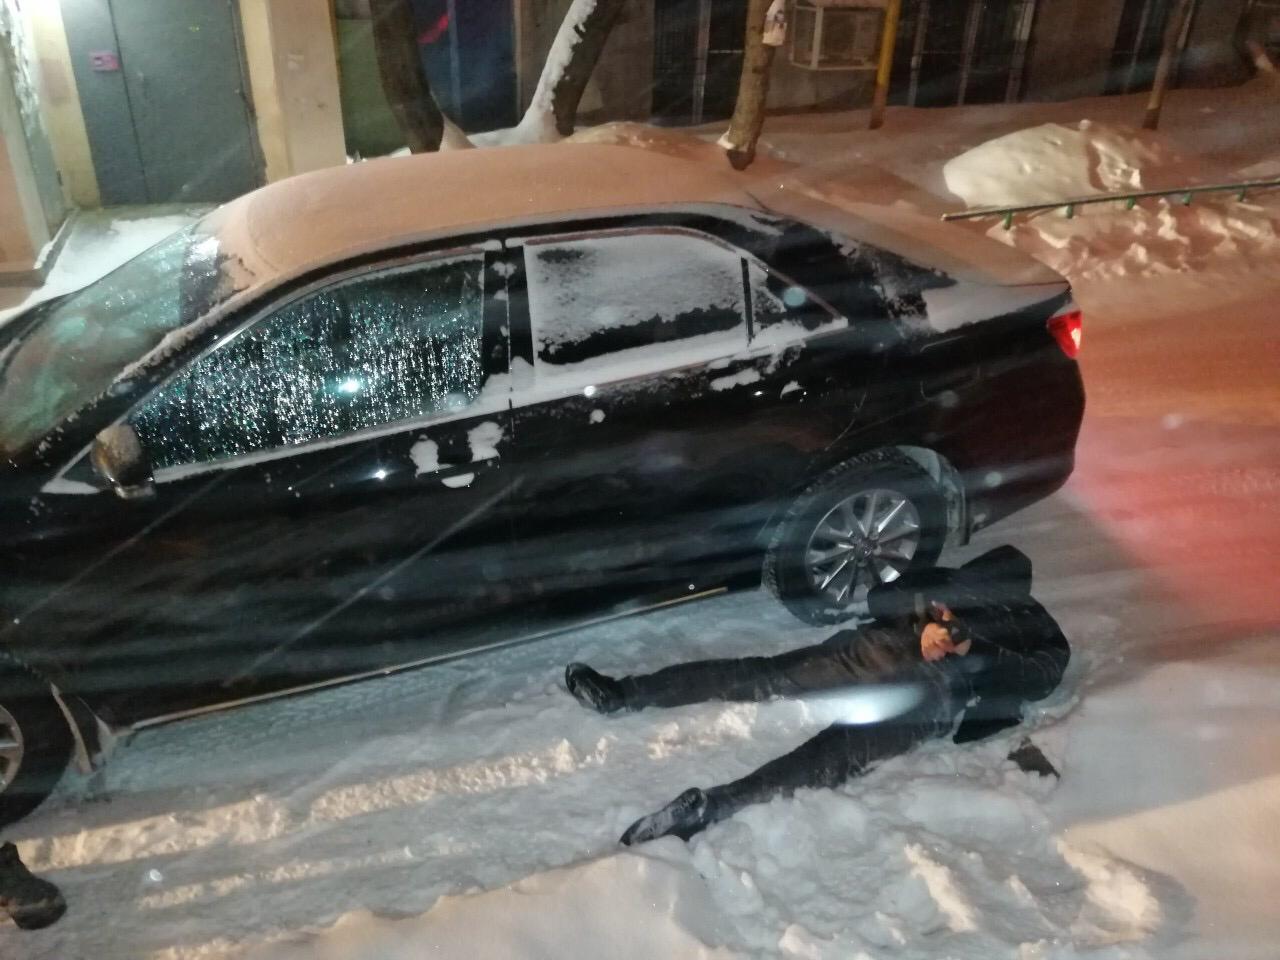 Сотрудники полиции Челябинска задержали двух мошенников из Коркино (Челябинская область), которые